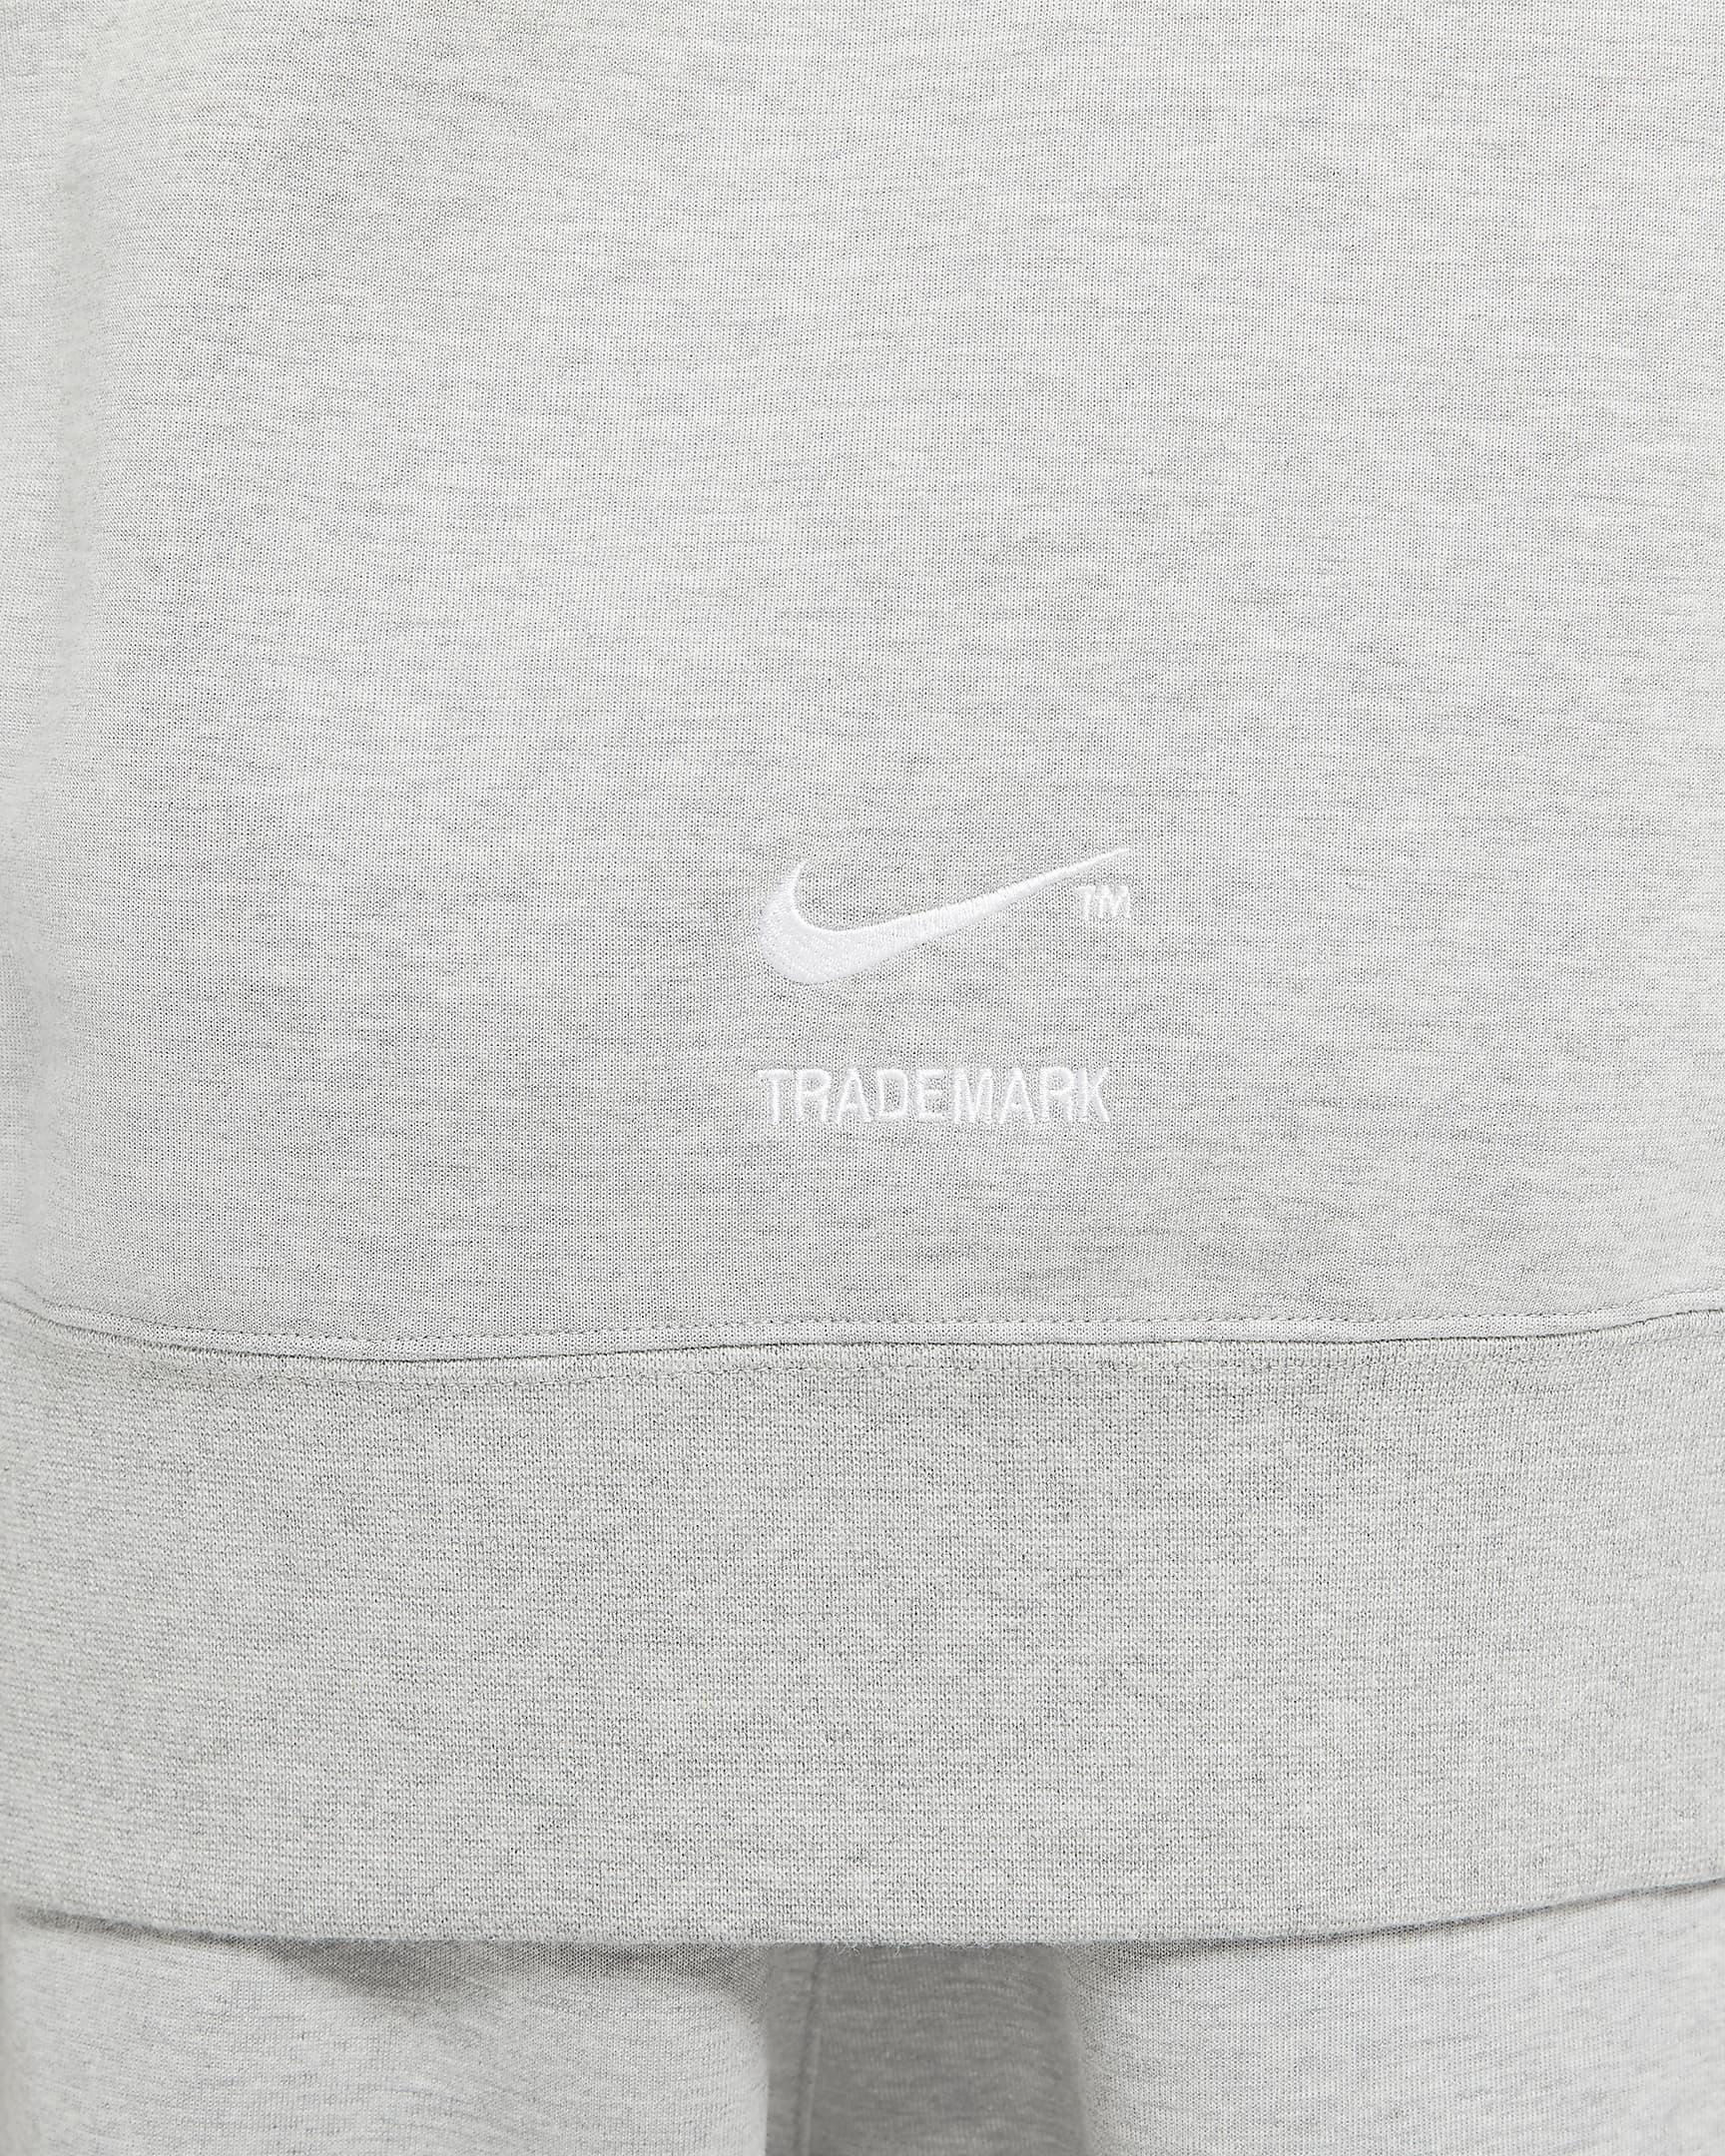 nike-sportswear-swoosh-tech-fleece-mens-pullover-hoodie-CPnmfh-3.png